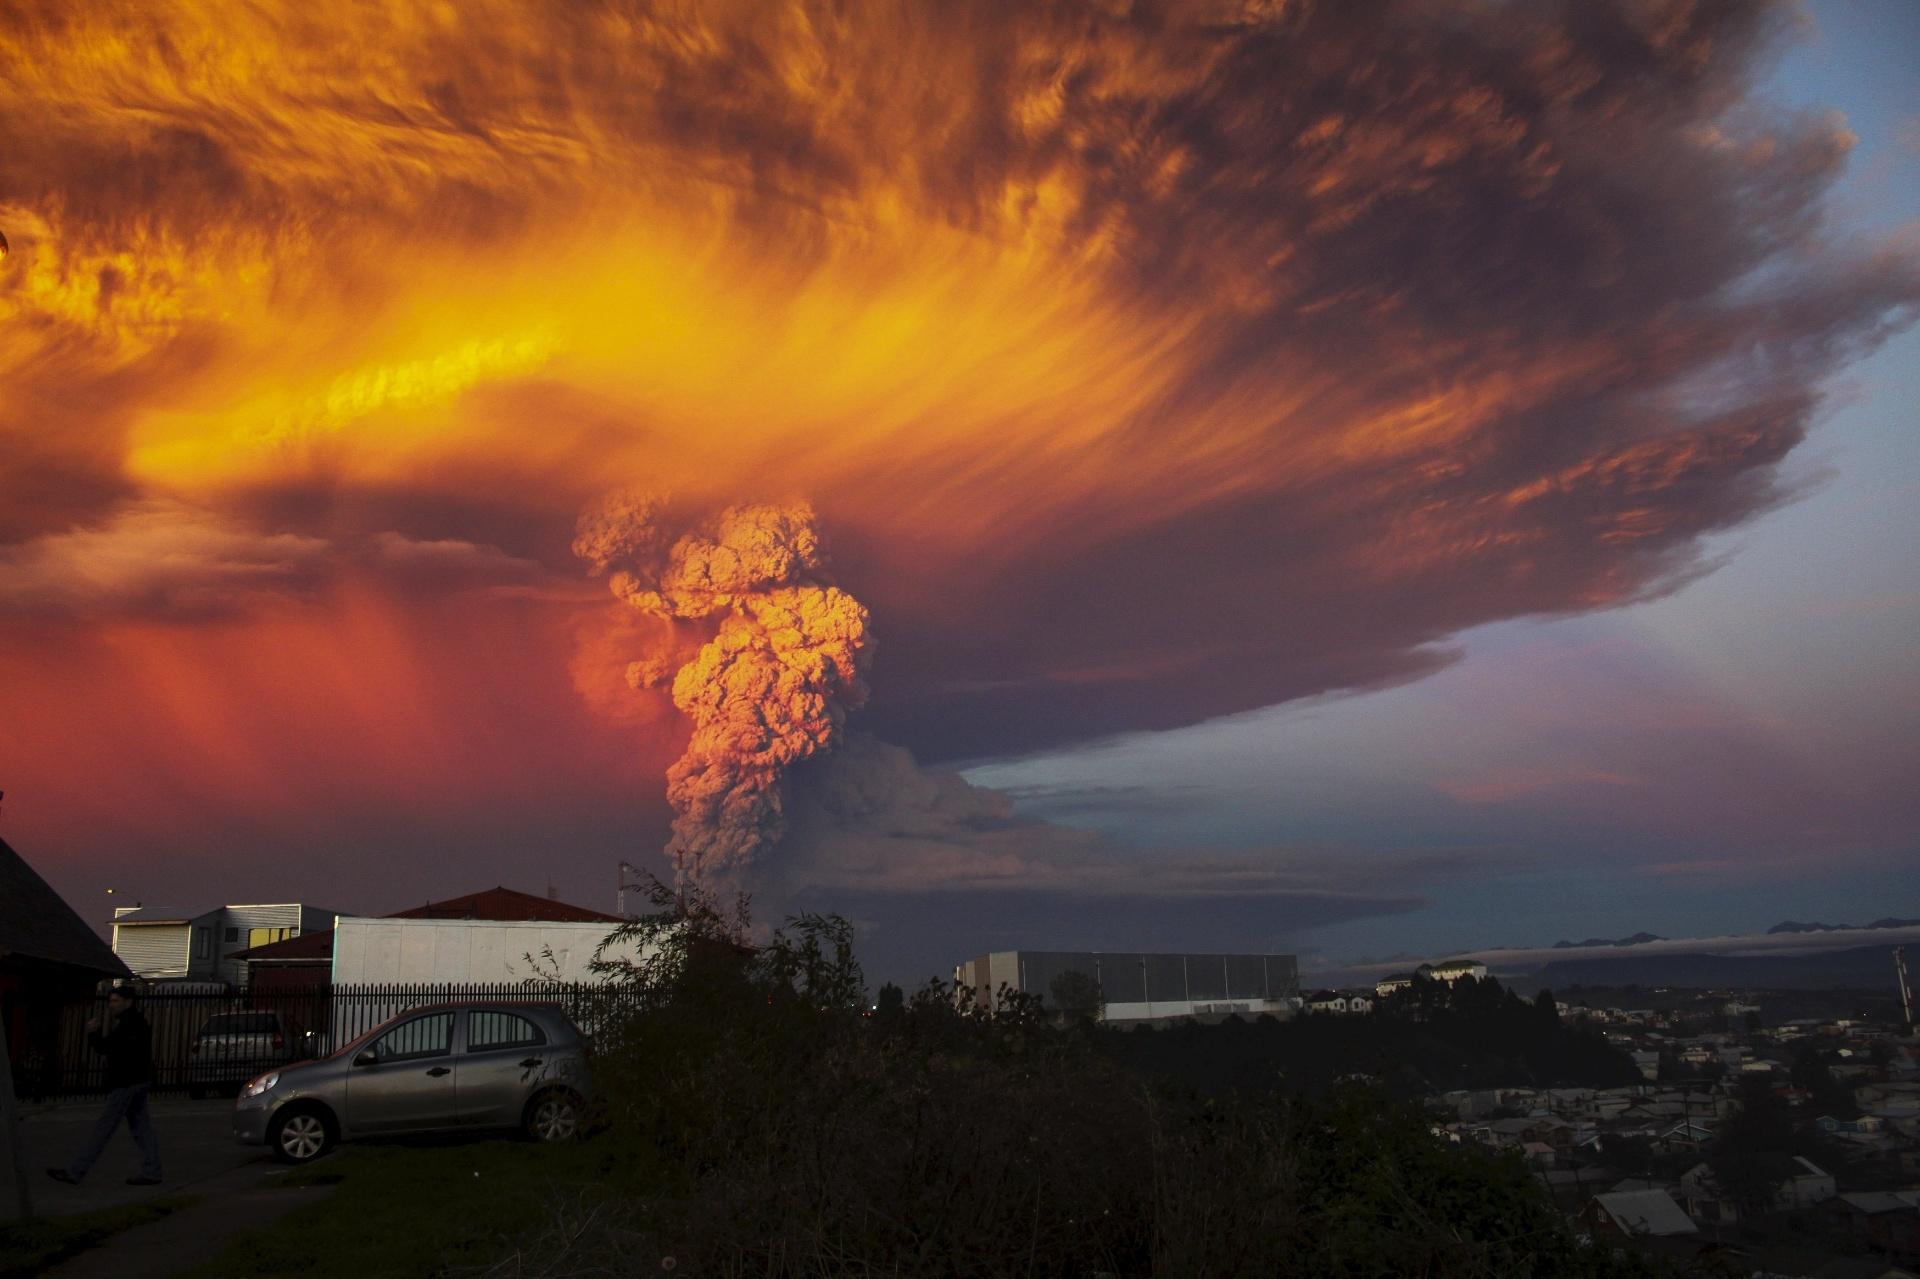 23.abr.2015 - Erupção do vulcão Calbuco após mais de quatro décadas mudou a cor do céu no sul do Chile. O governo do país decretou estado de excepção em cidades próximas ao vulcão